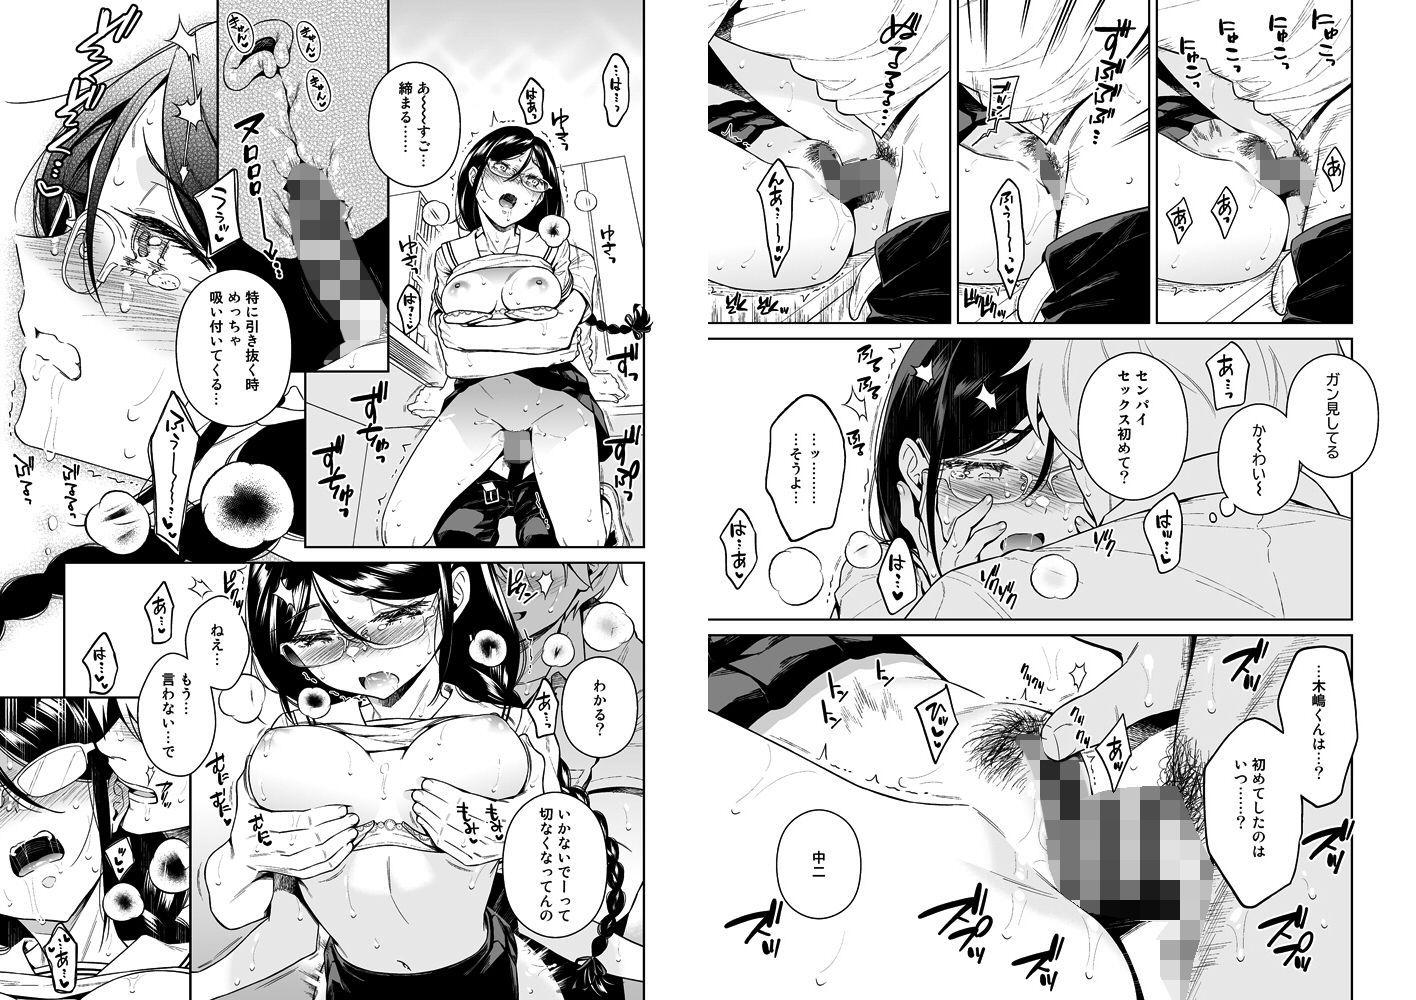 【エロ漫画】図書室のけだものたち ヤリ部屋として利用する変態野郎が‥「サークル:二次結び」【同人誌・コミック】#2